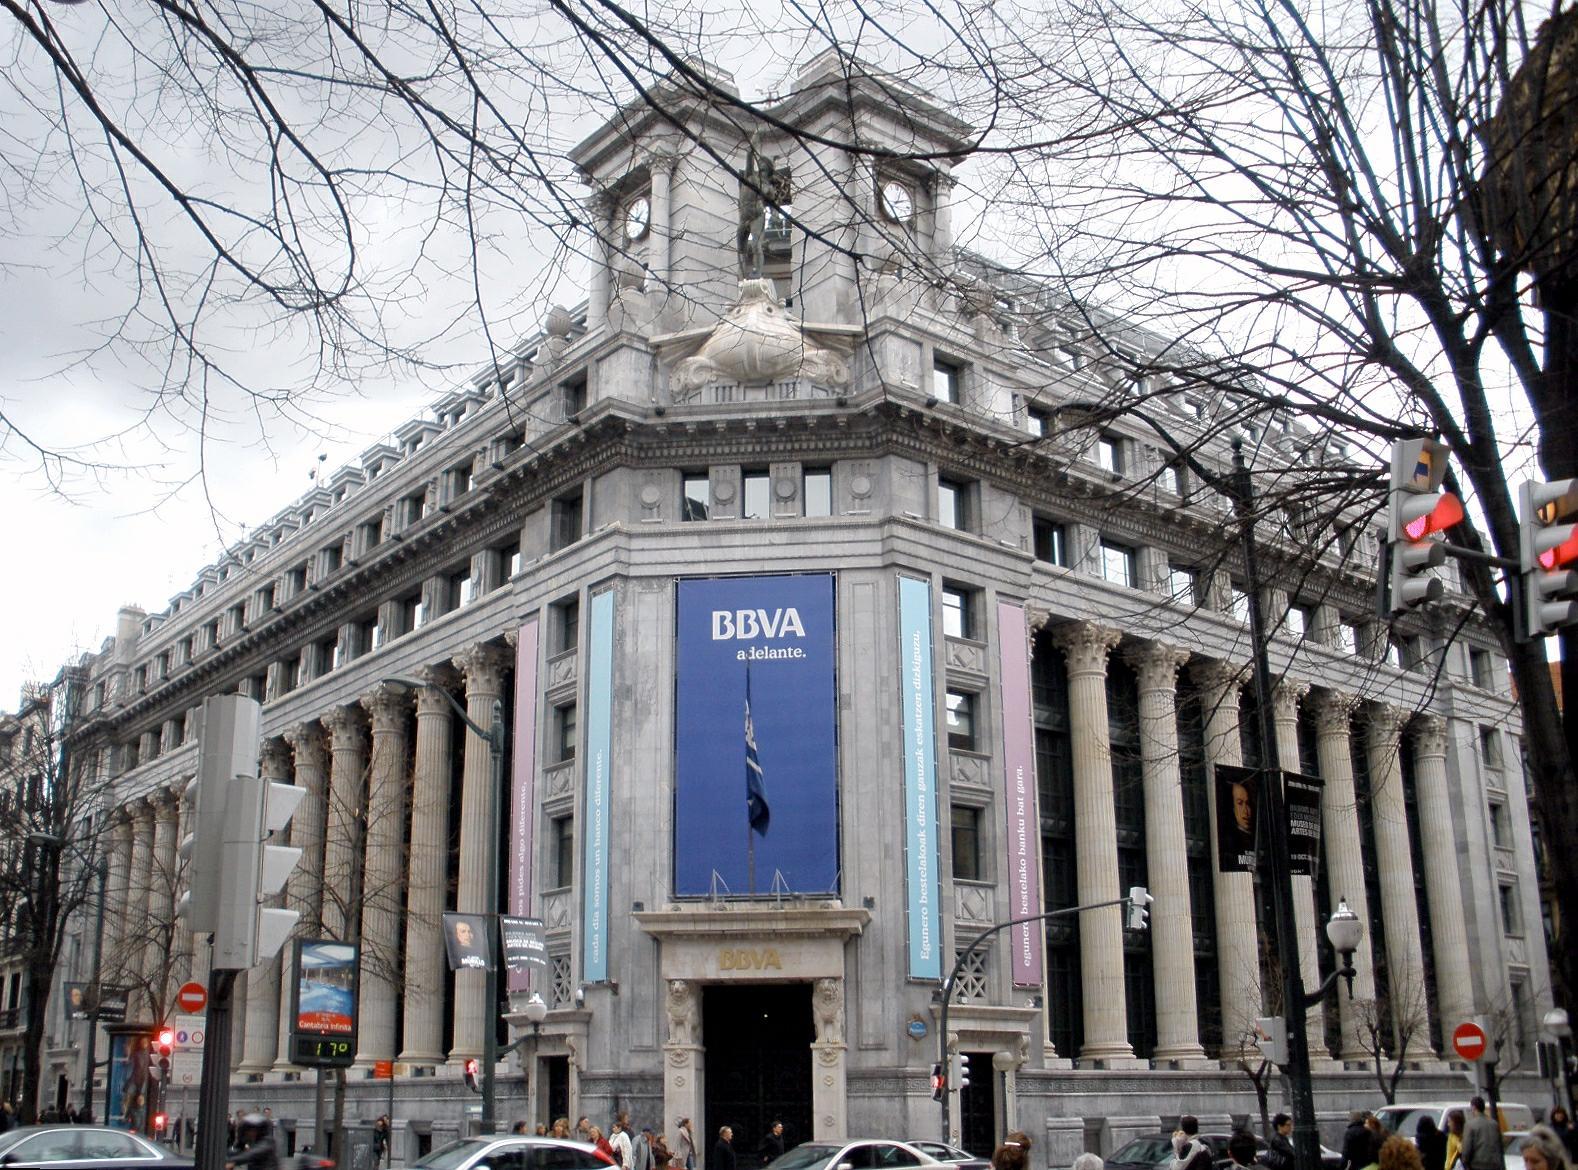 Banco bilbao vizcaya argentaria wikipedia for Sucursales banco santander en roma italia